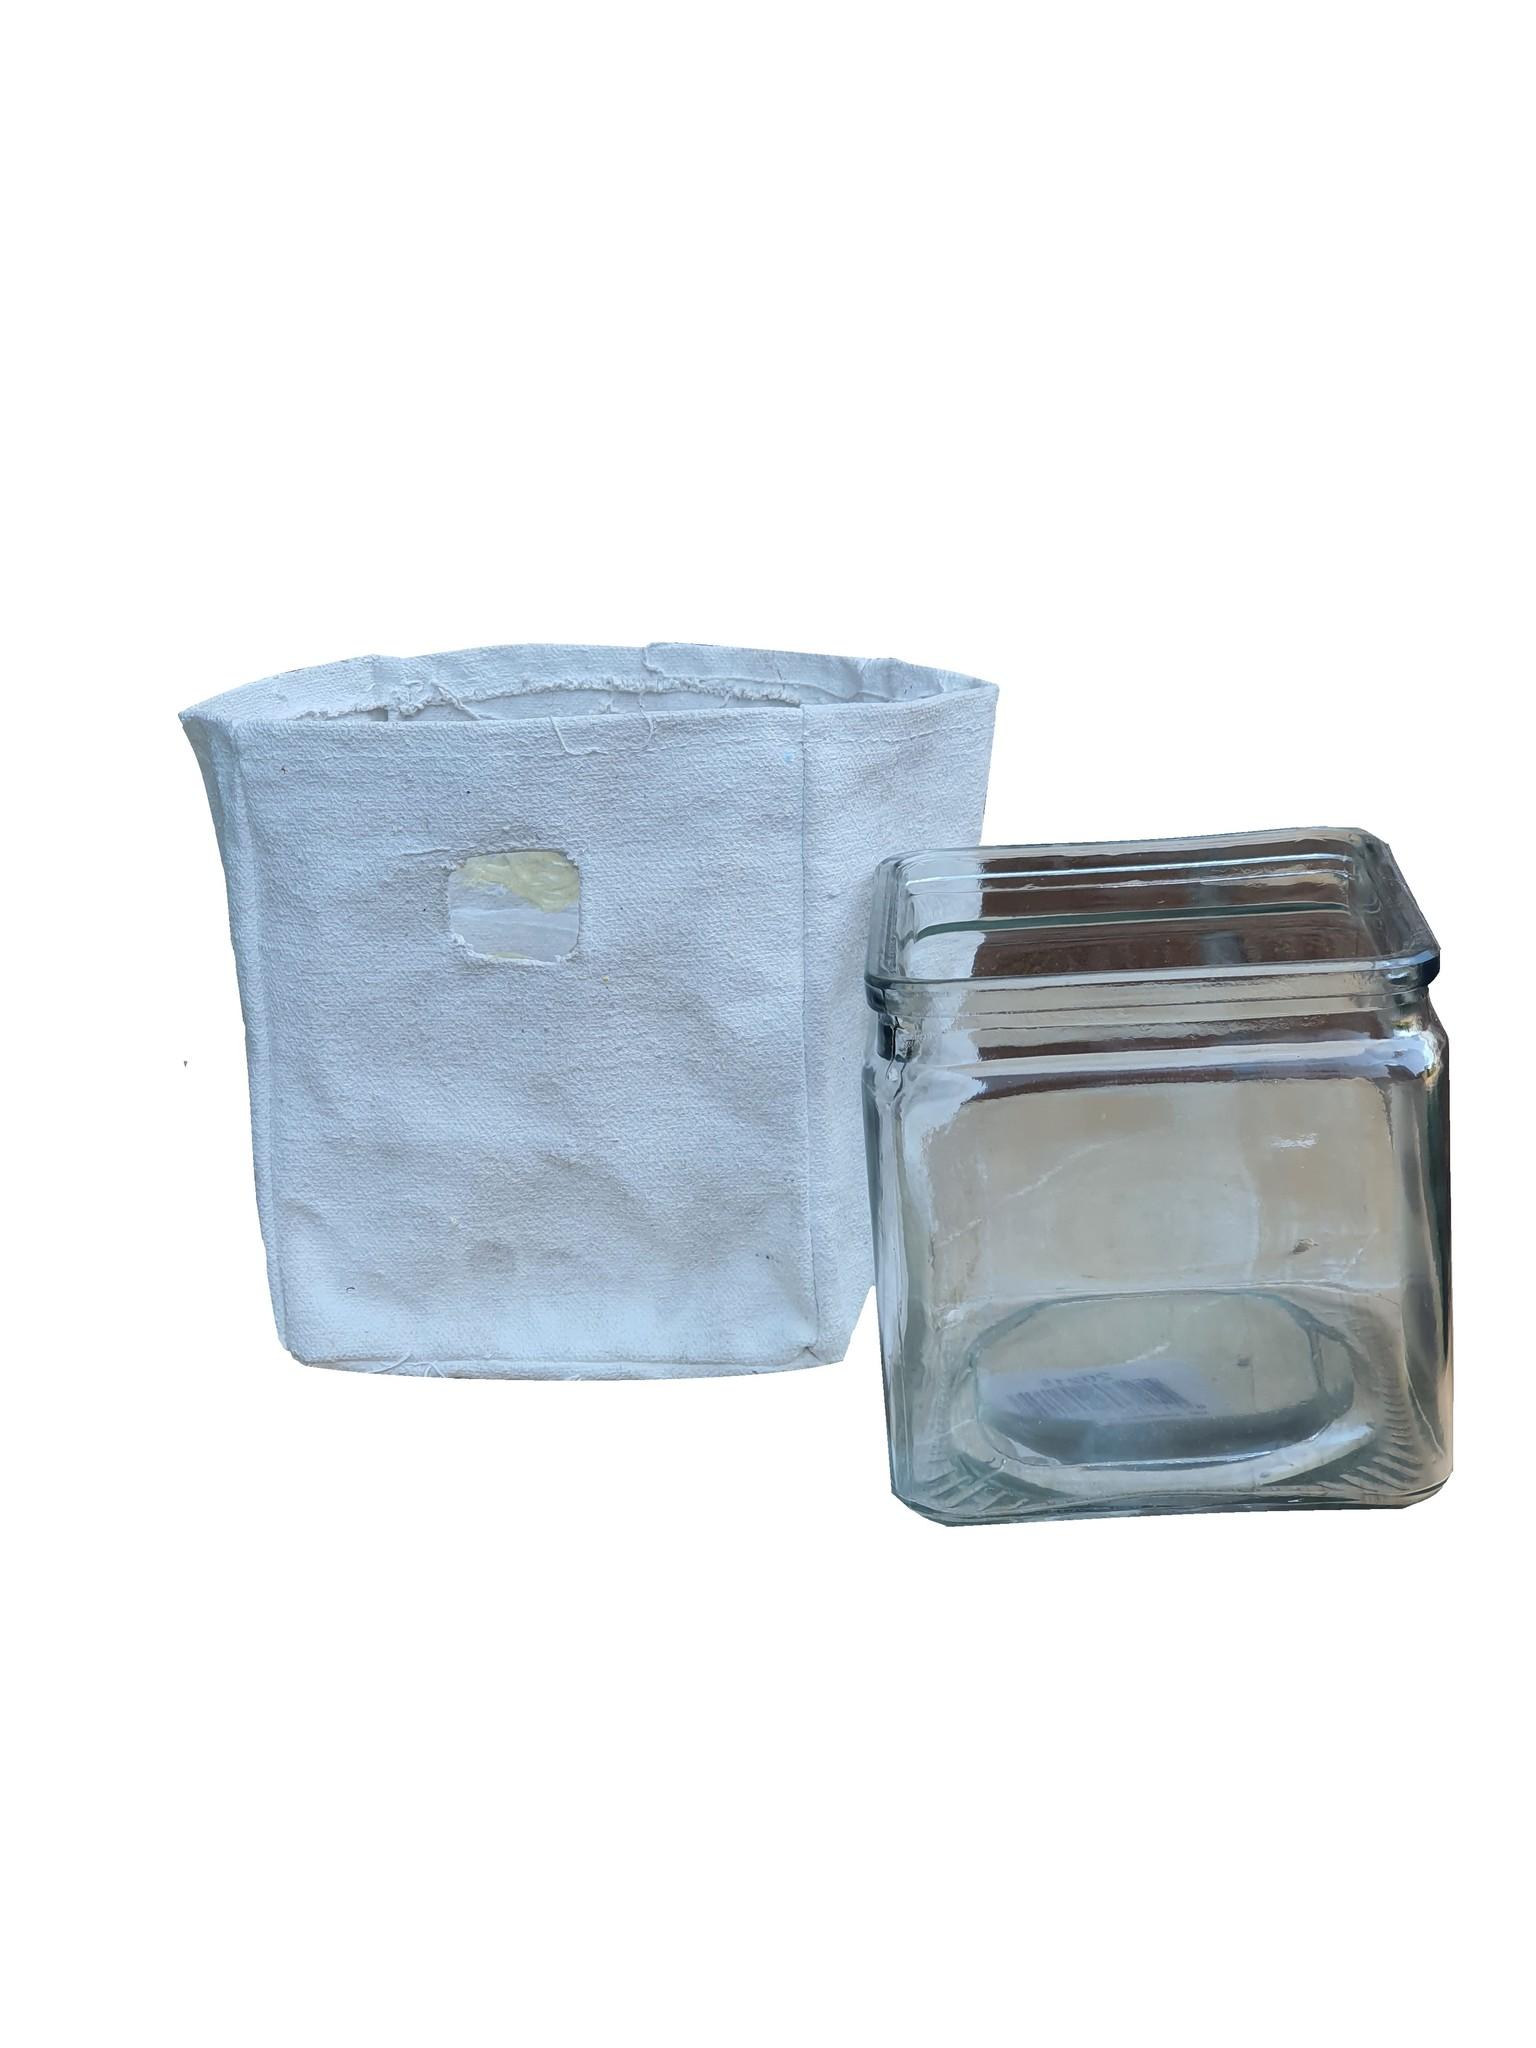 potglasscream bag + glass 13-2